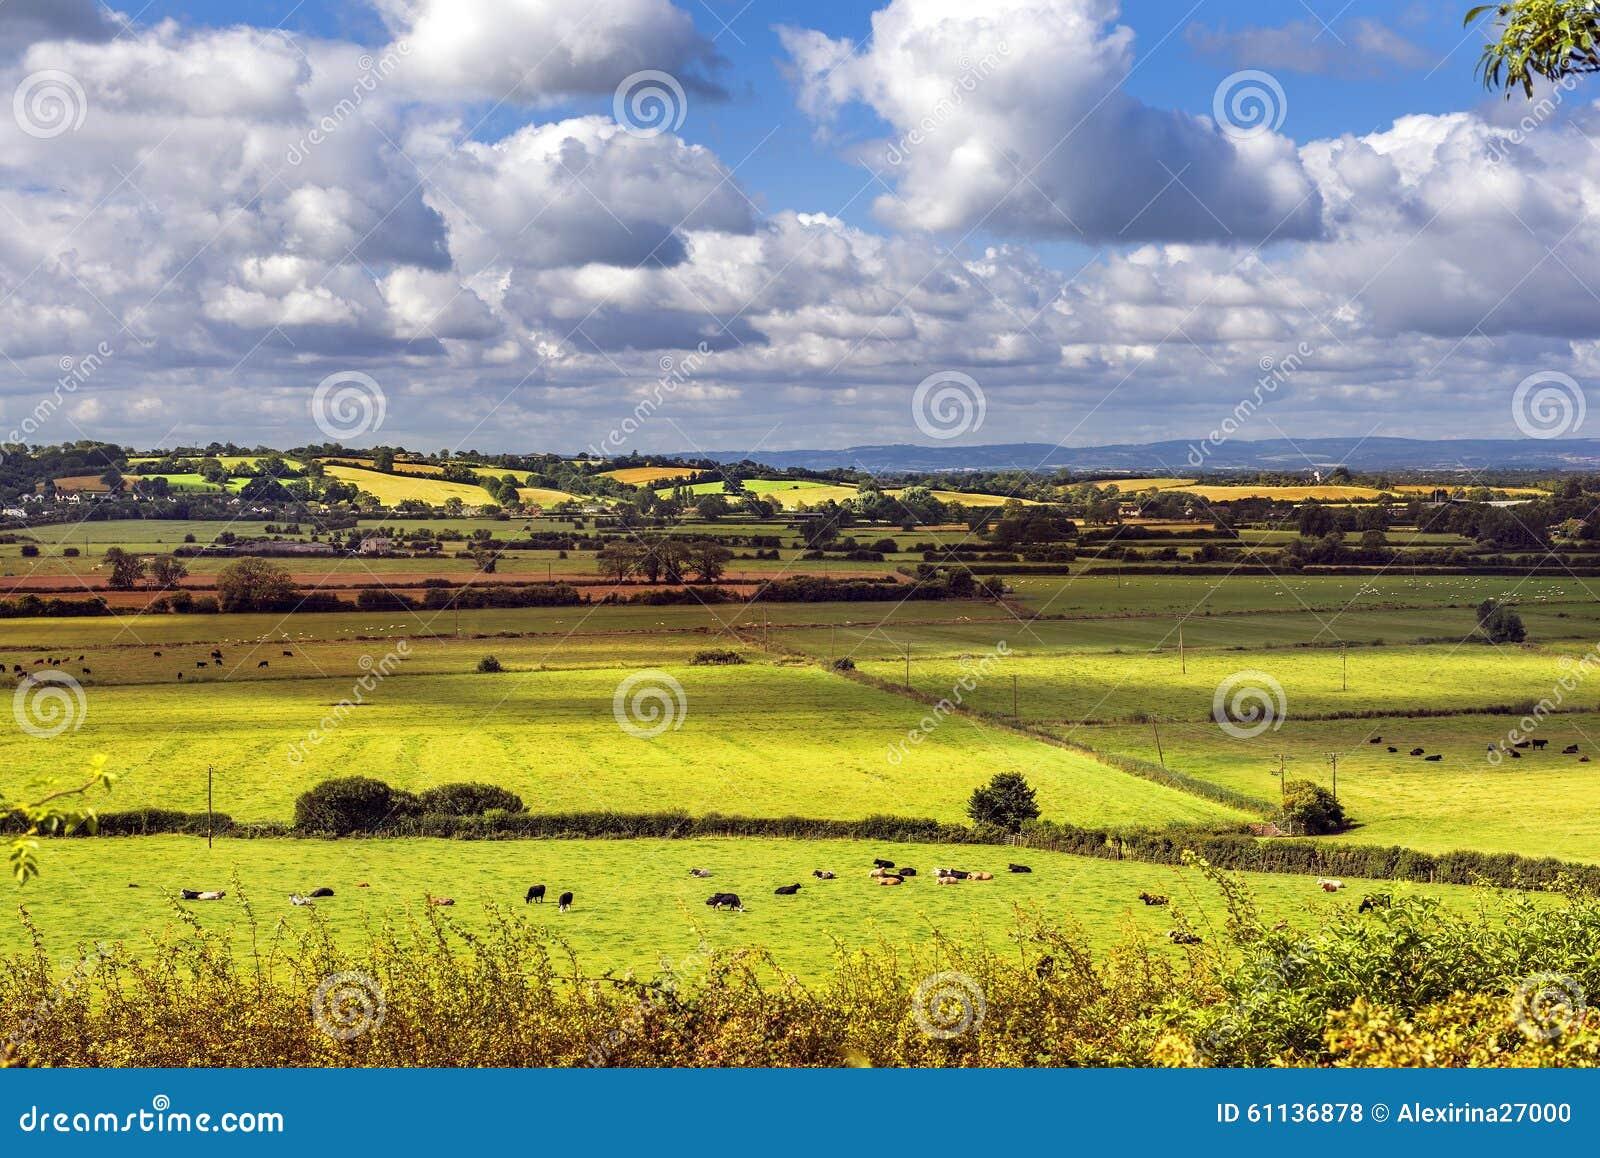 Ländliche szenische Ansicht von grünen Feldern, Salisbury, England